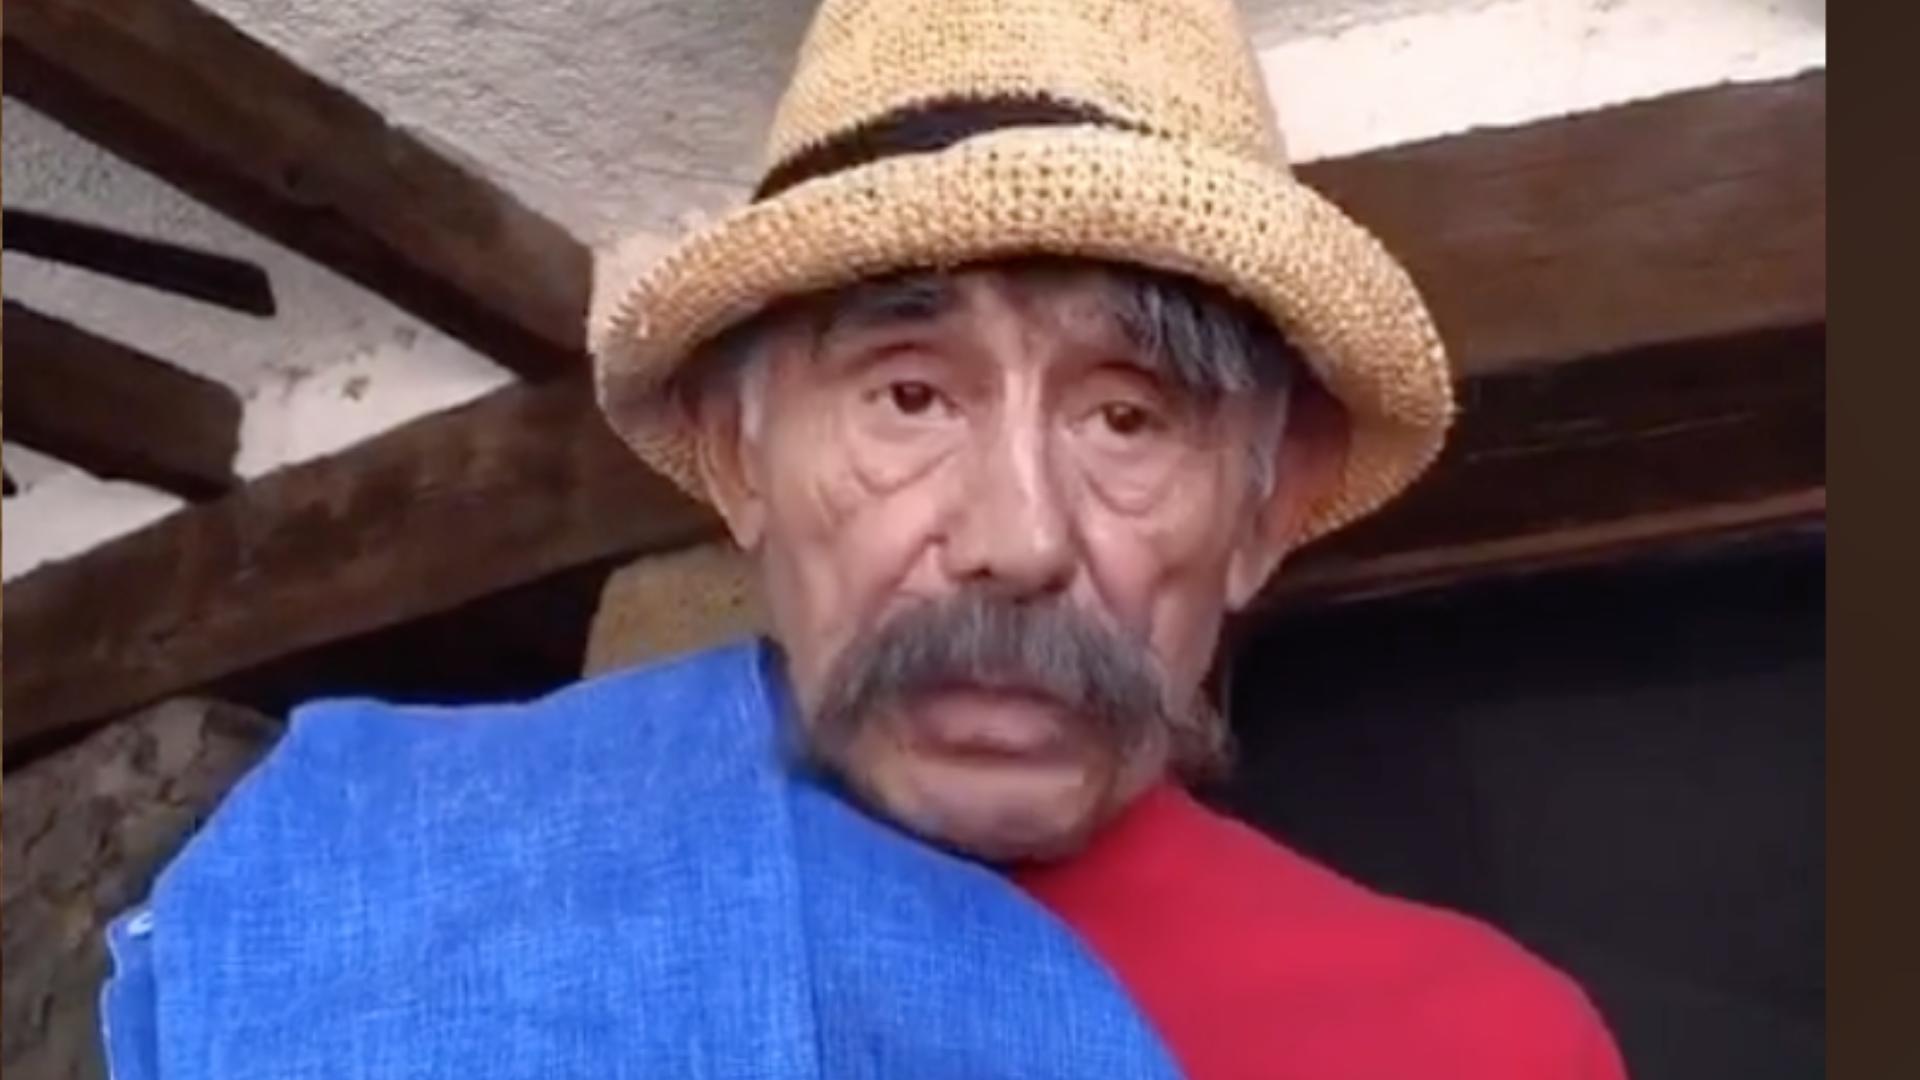 El último TikTok de Héctor Suárez en compañía de su hijo